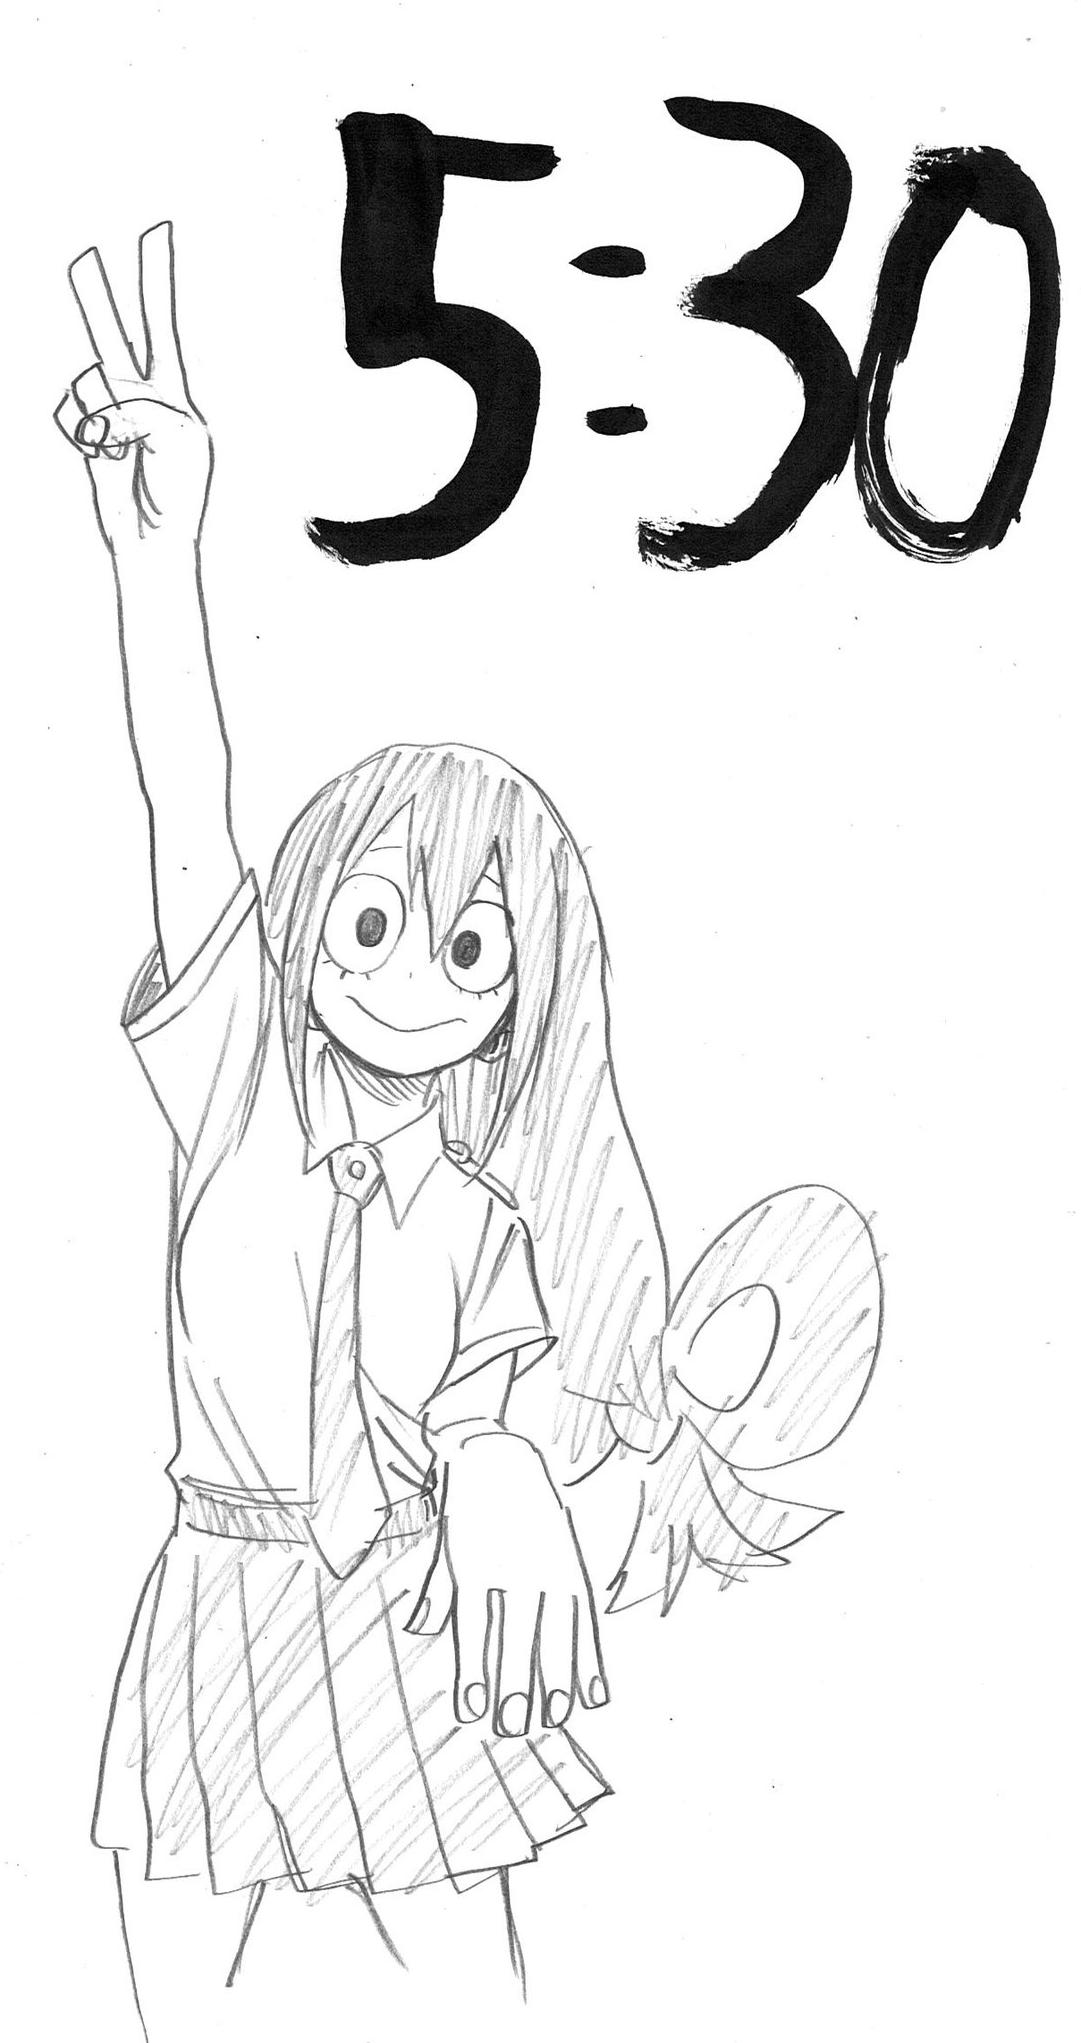 Episode 15 Sketch